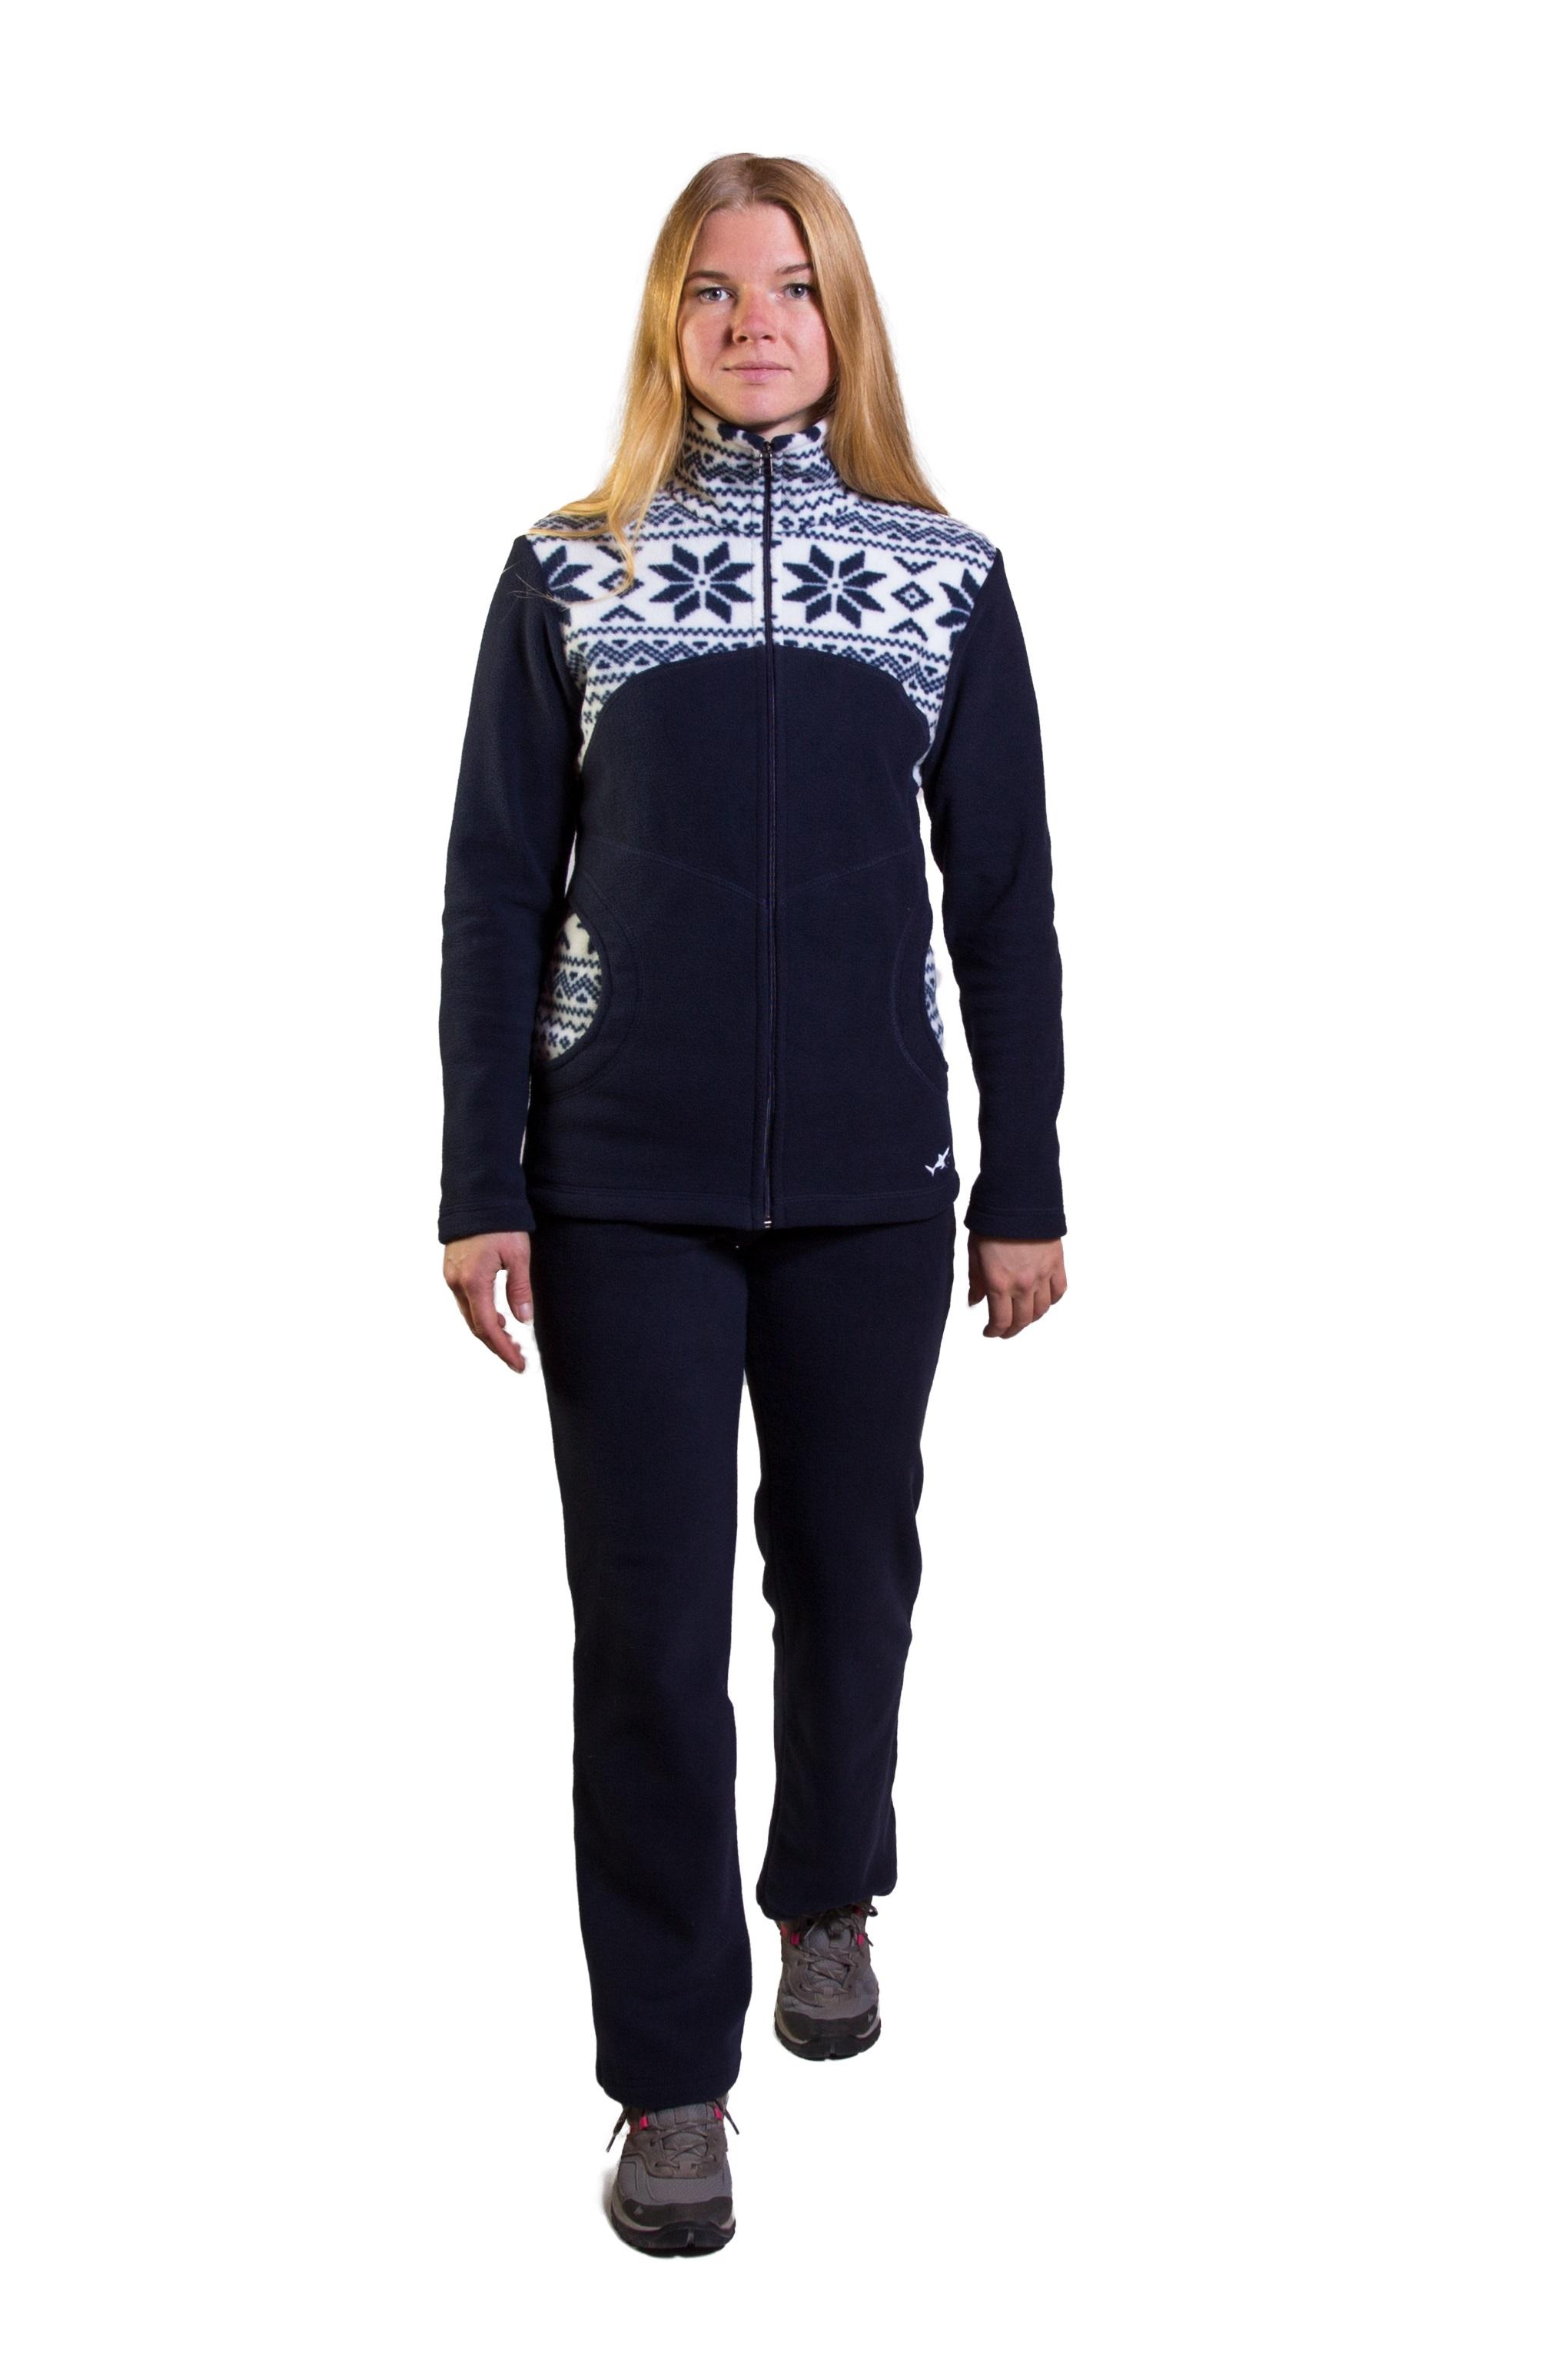 Флисовый костюм KATRAN Паола (Размер: 52 Рост: